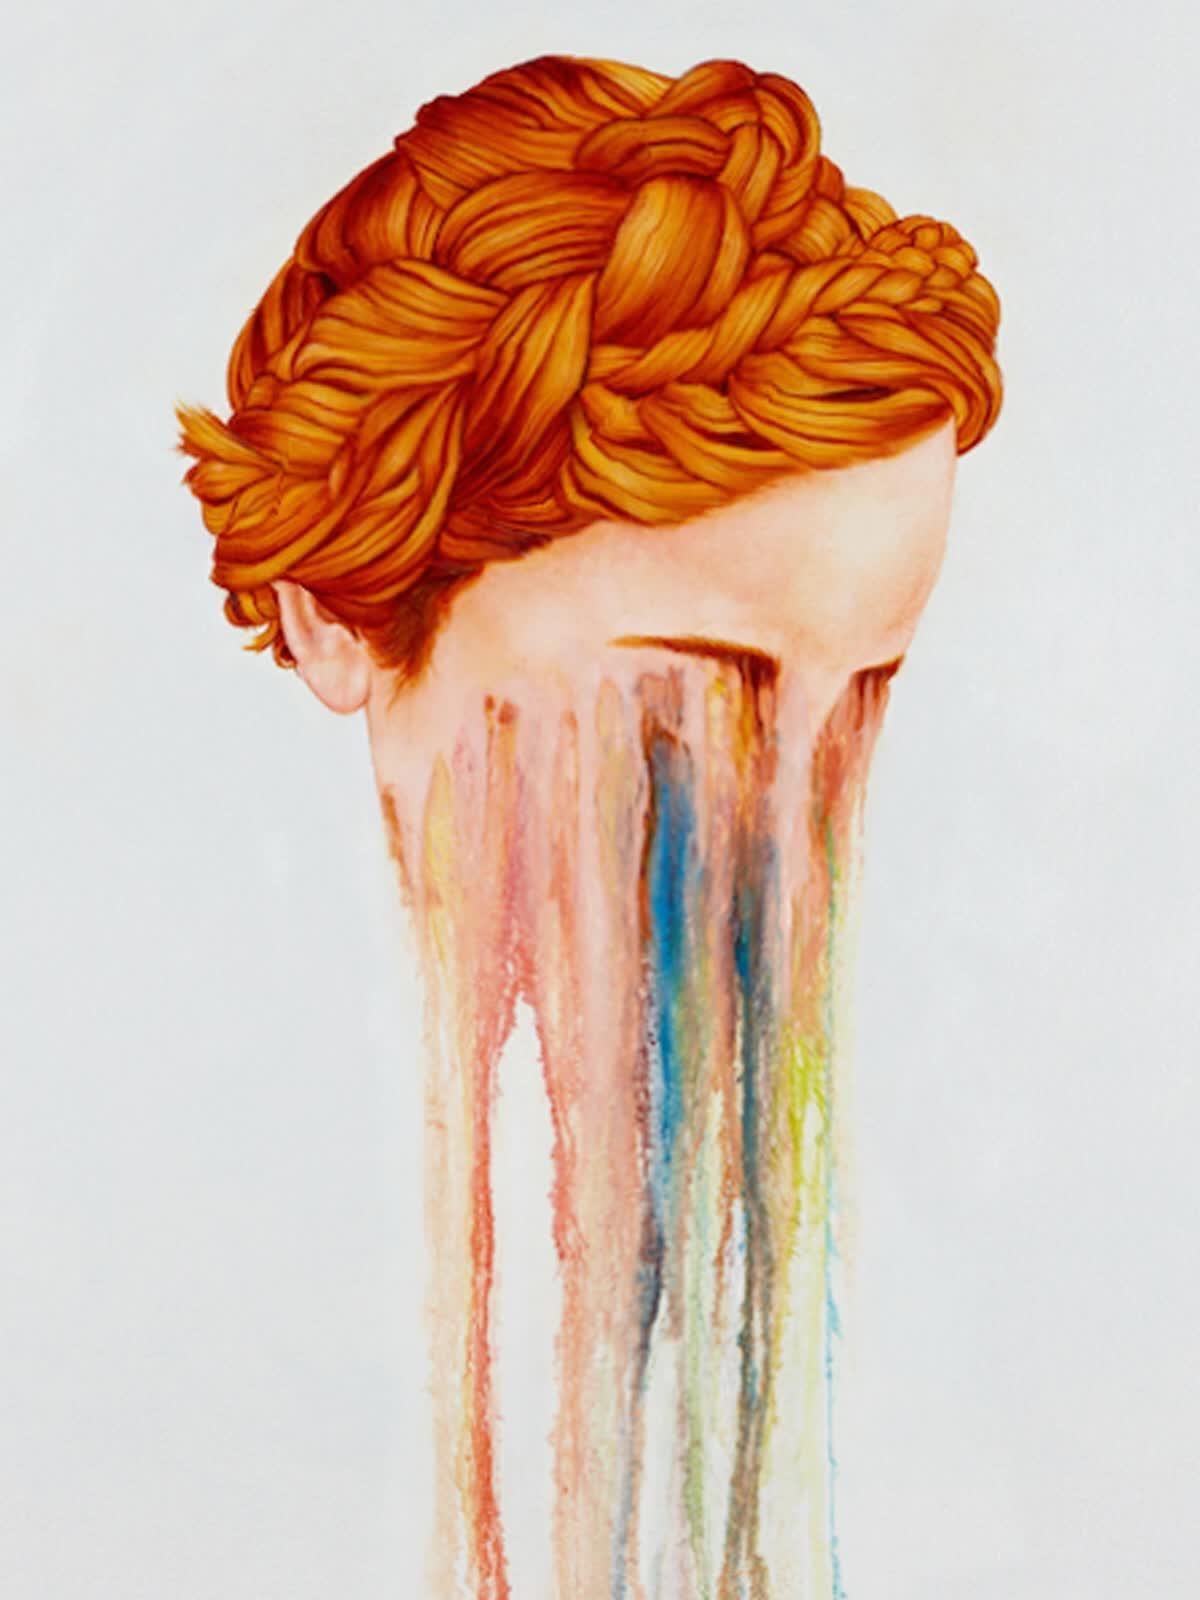 art, face, melting, trippy, watercolor, weird, woman, Melting Face GIFs